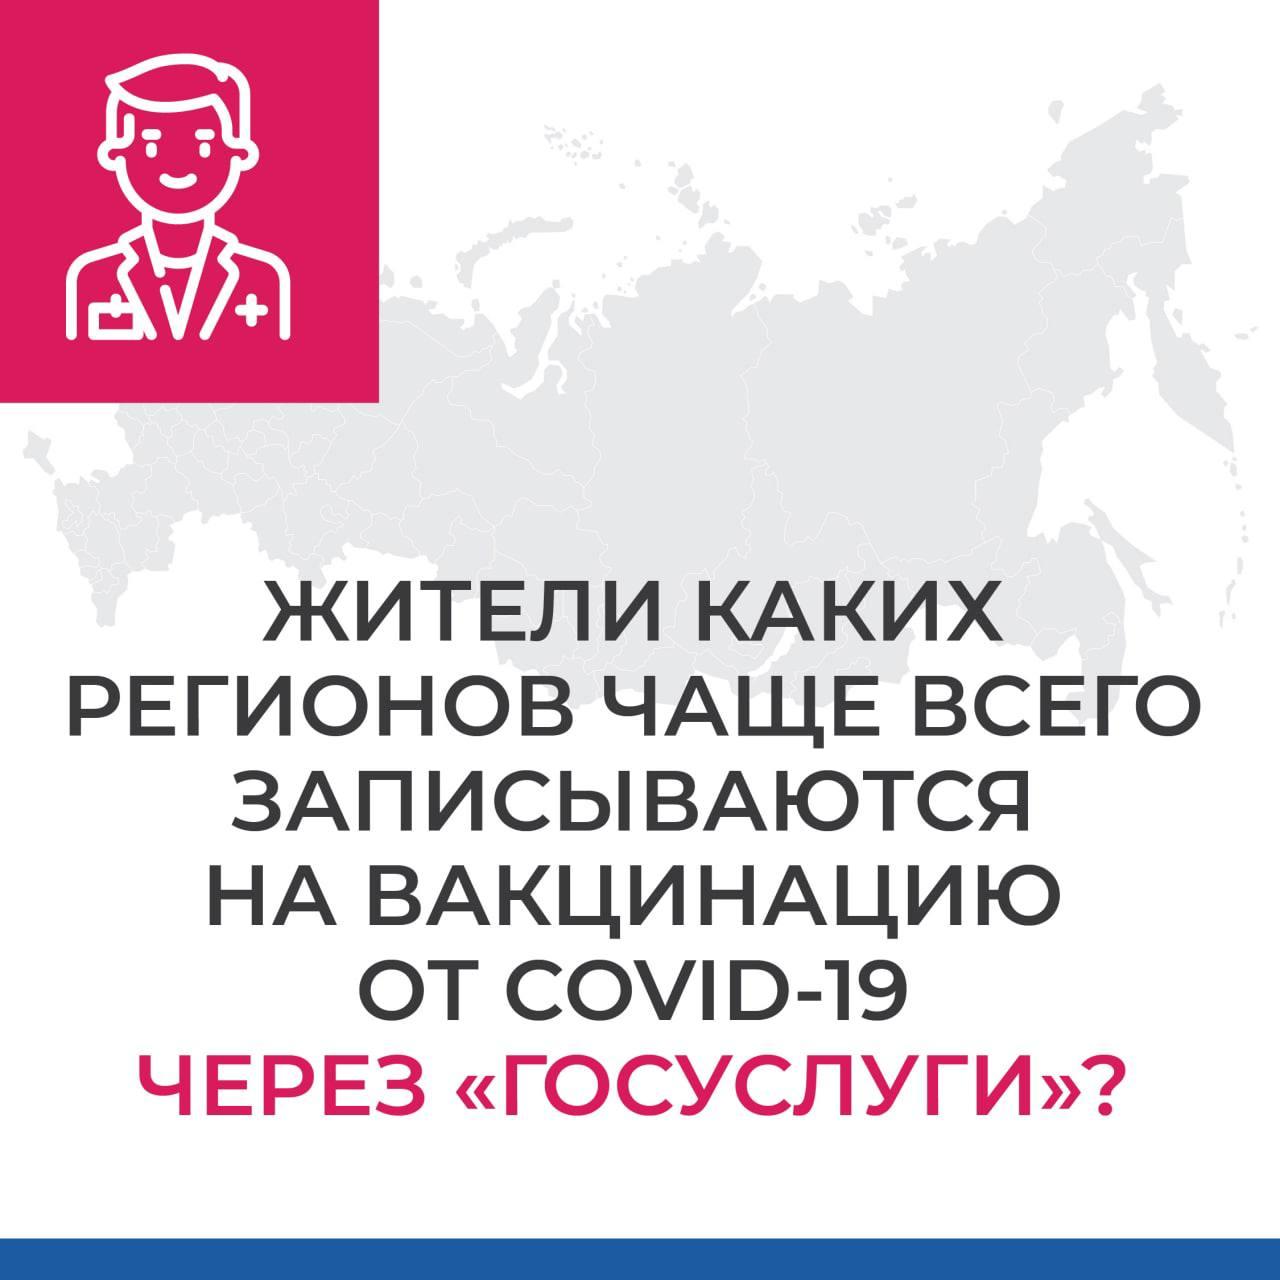 Записаться на вакцинацию от коронавируса можно на Госуслугах - во всех регионах России